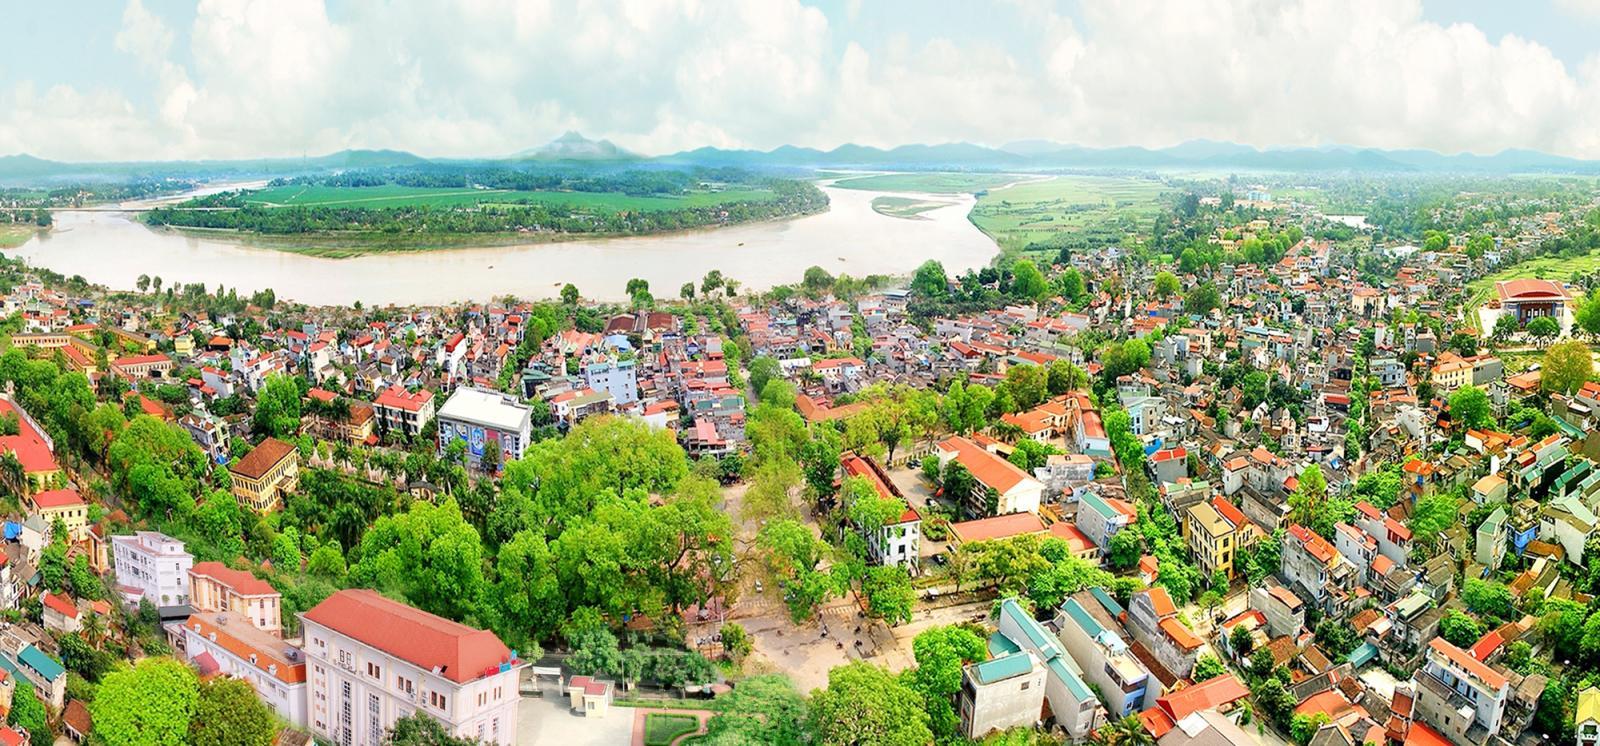 một góc tỉnh Phú Thọ với nhiều nhà ở nhìn từ trên cao